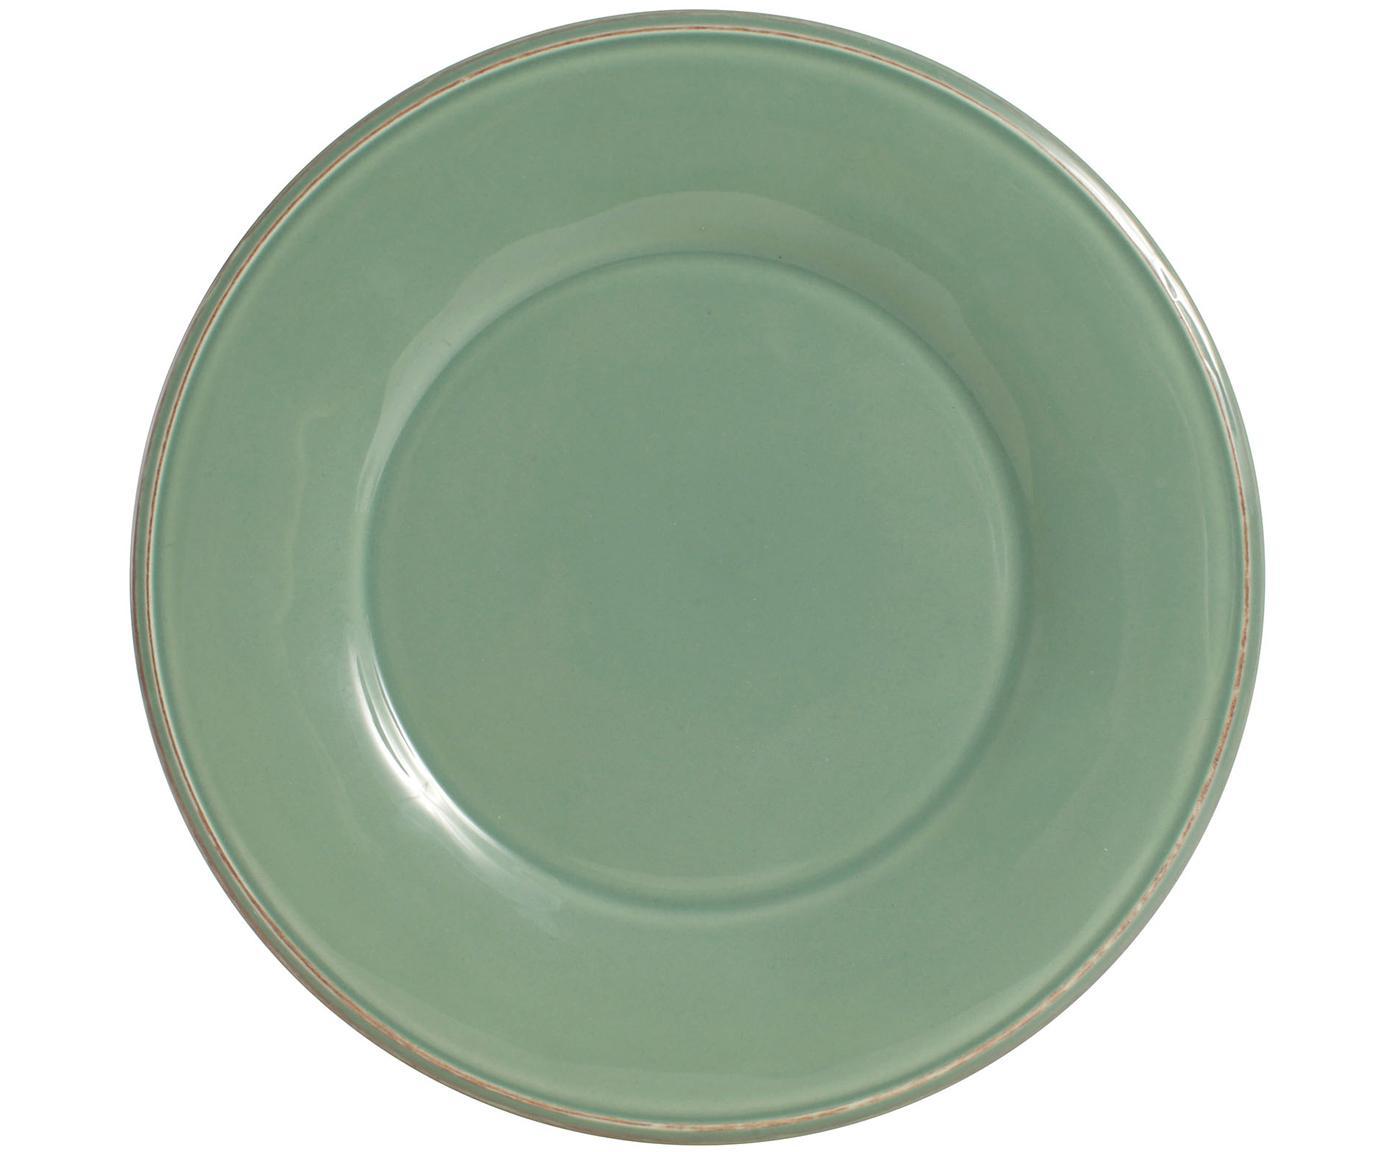 Platos de postre Constance, 2uds., estilo rústico, Cerámica, Verde salvia, Ø 24 cm